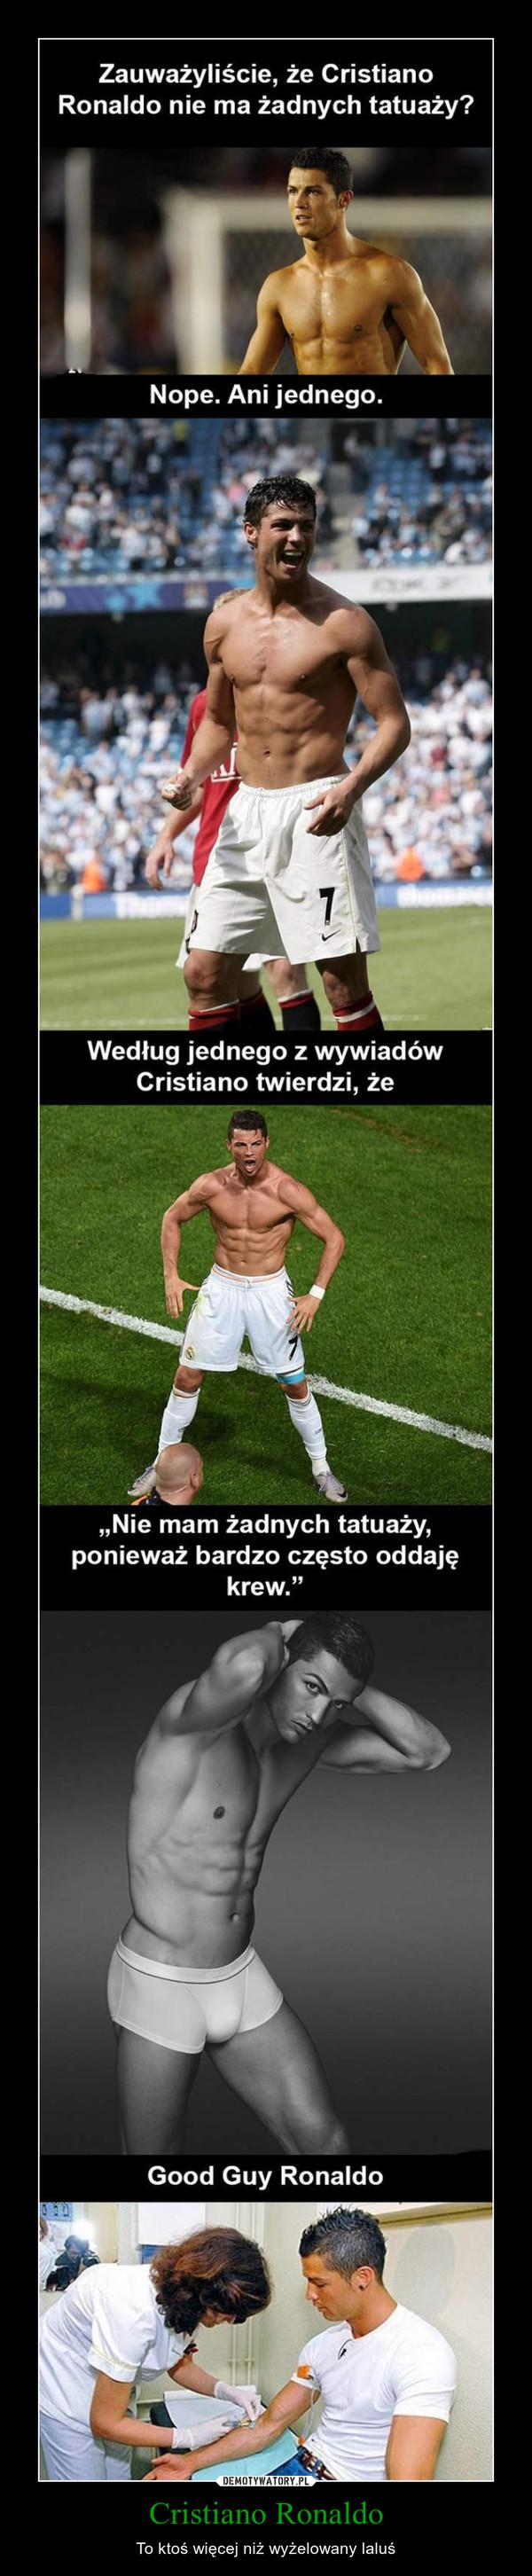 """Cristiano Ronaldo – To ktoś więcej niż wyżelowany laluś Zauważyliście, że Cristiano Ronaldo nie ma żadnych tatuaży? Nope. Ani jednego.Według jednego z wywiadów Cristiano twierdzi, że """"Nie mam żadnych tatuaży, ponieważ bardzo często oddaje krew."""" Good Guy Ronaldo"""